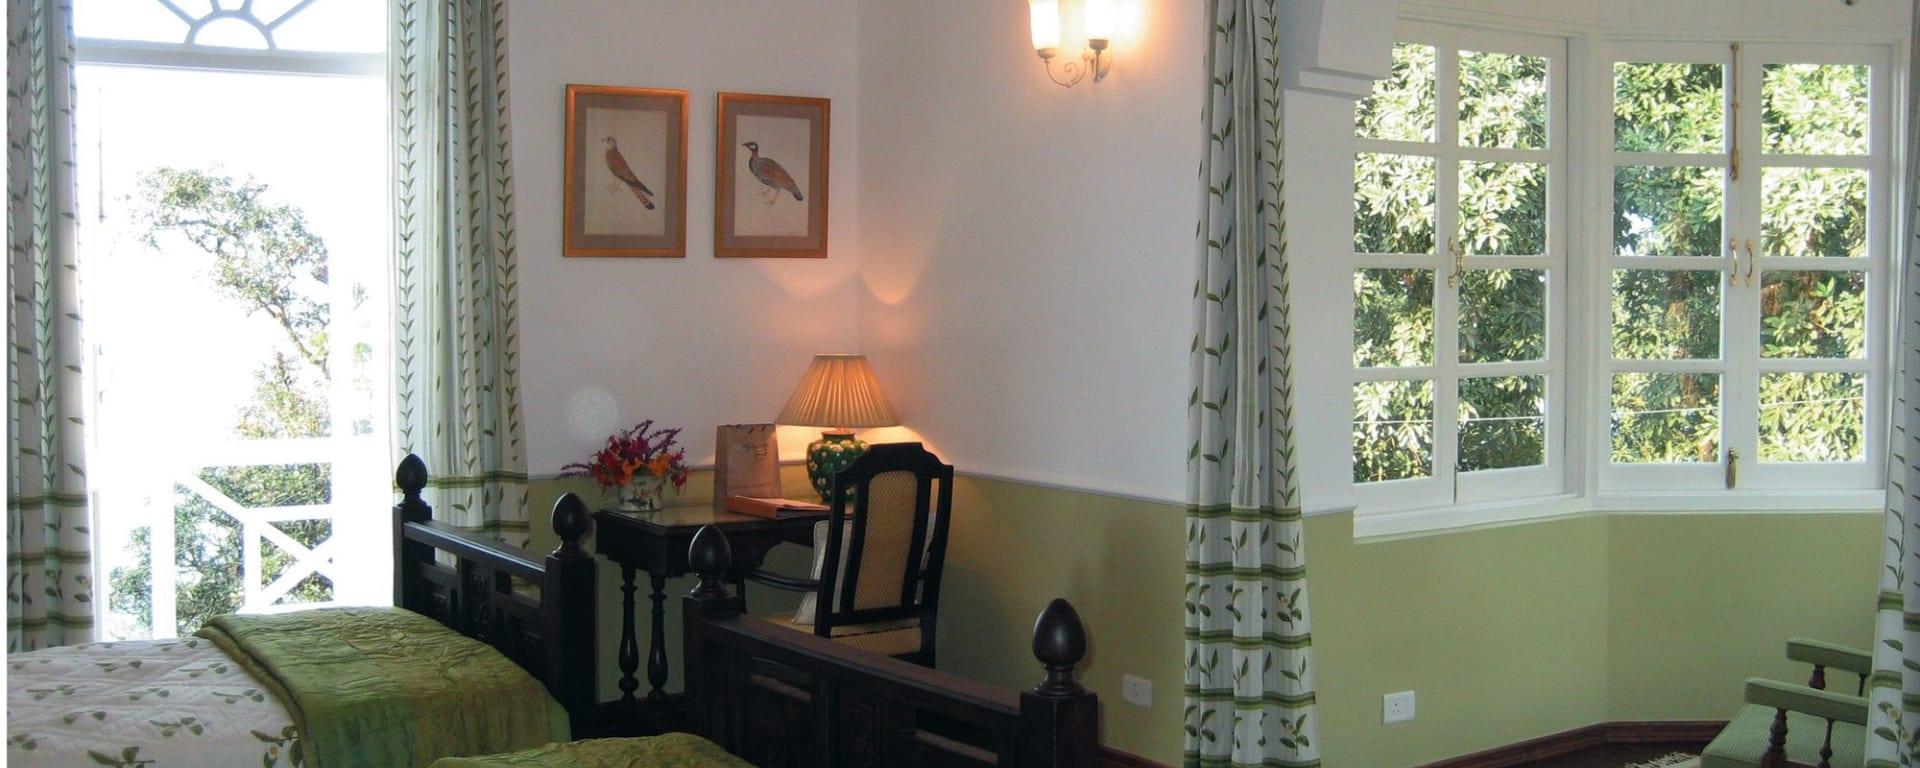 Glenburn Tea Estate in Darjeeling: The Camellia Suite